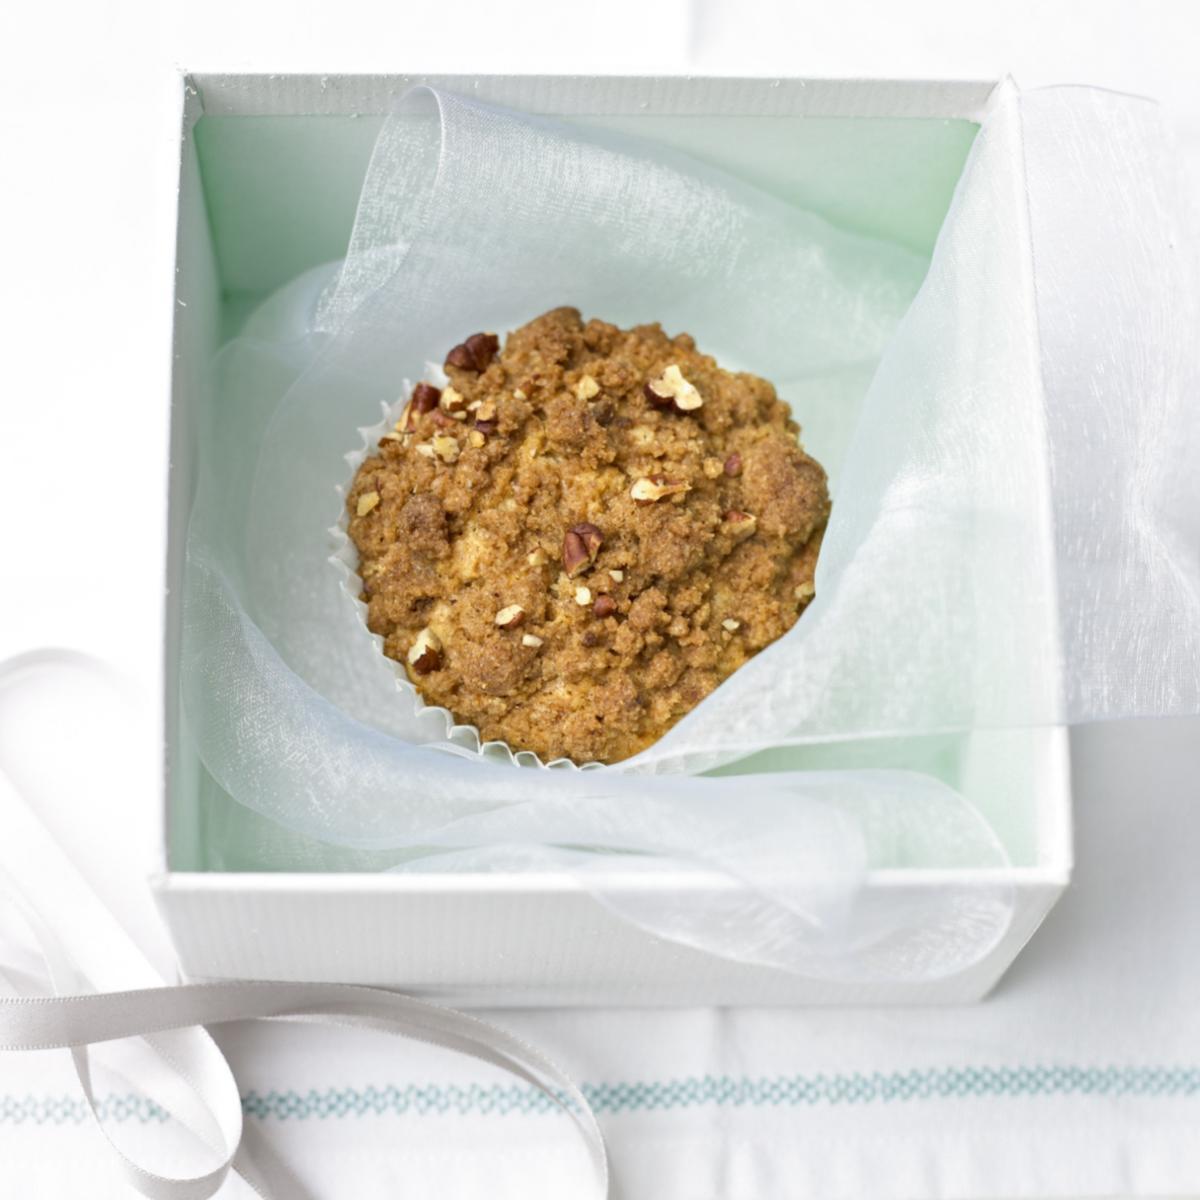 A picture of Delia's Apricot Crumble Muffins recipe